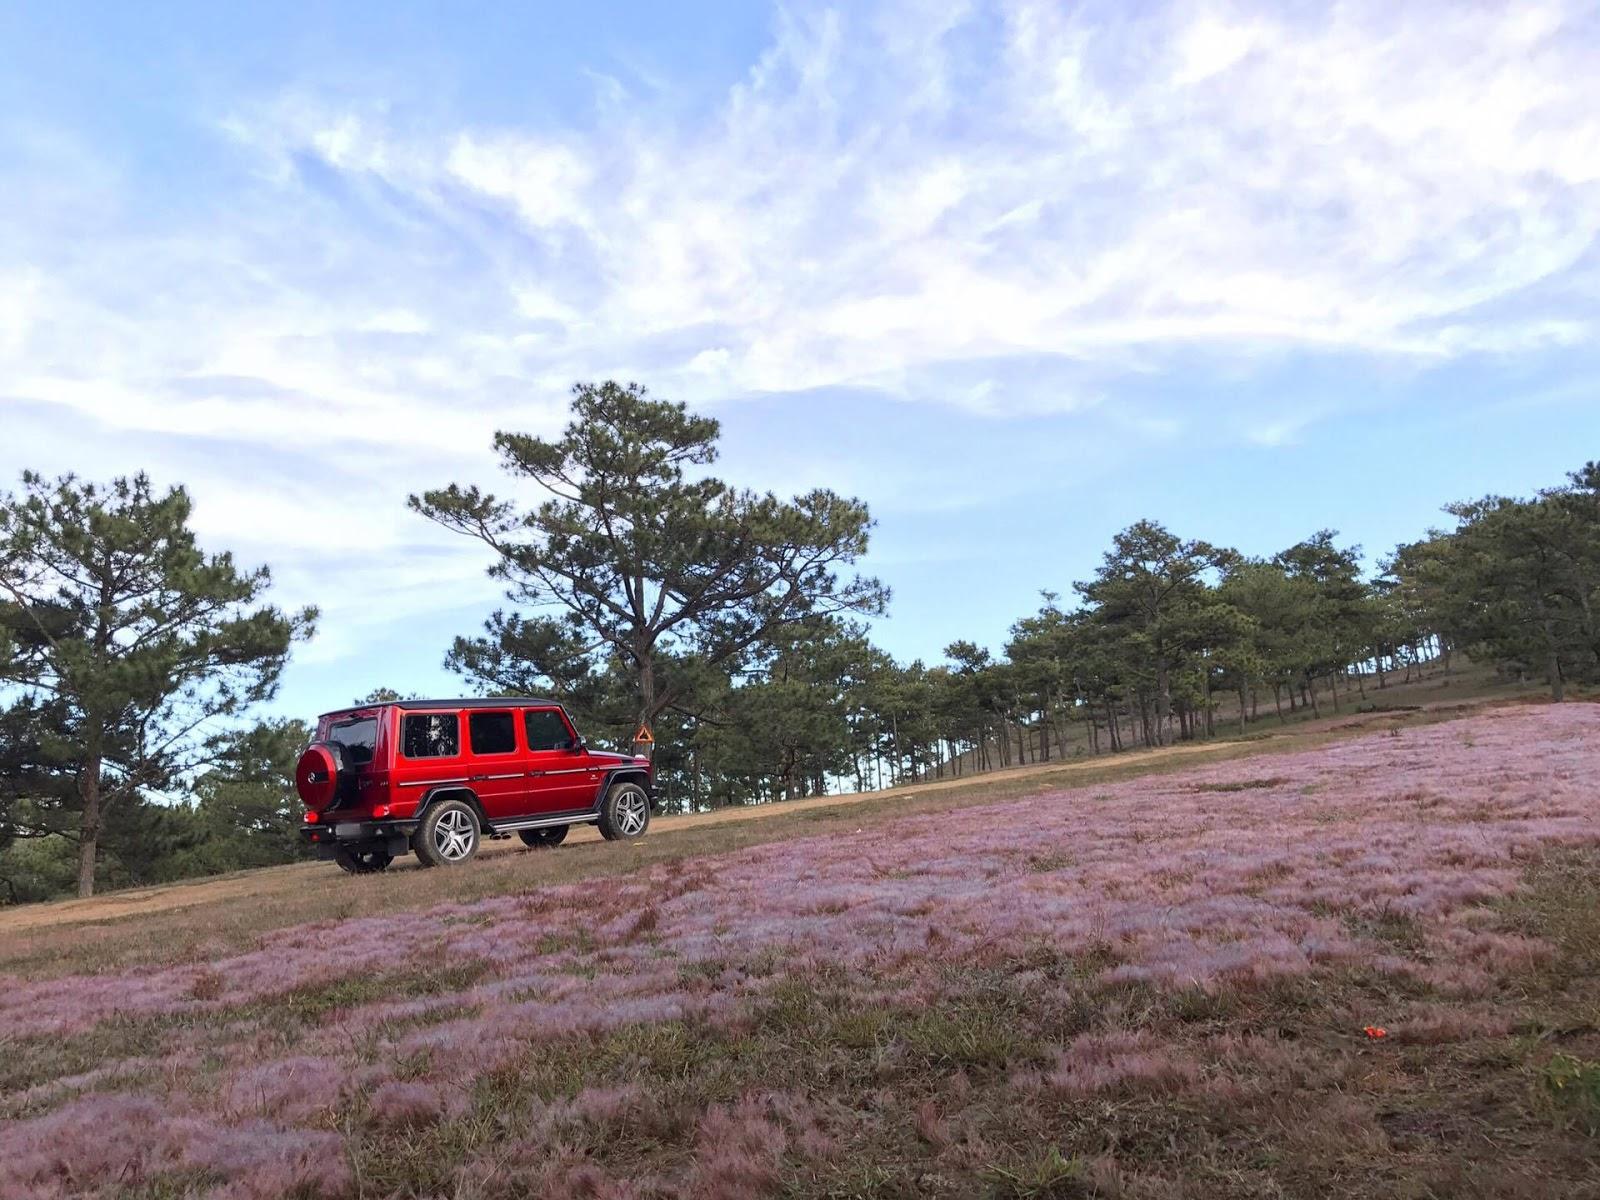 Bắt gặp G63 trên đường đã khó, bắt gặp ngay tại đồi cỏ hồng thì đúng là cảnh xưa nay hiếm